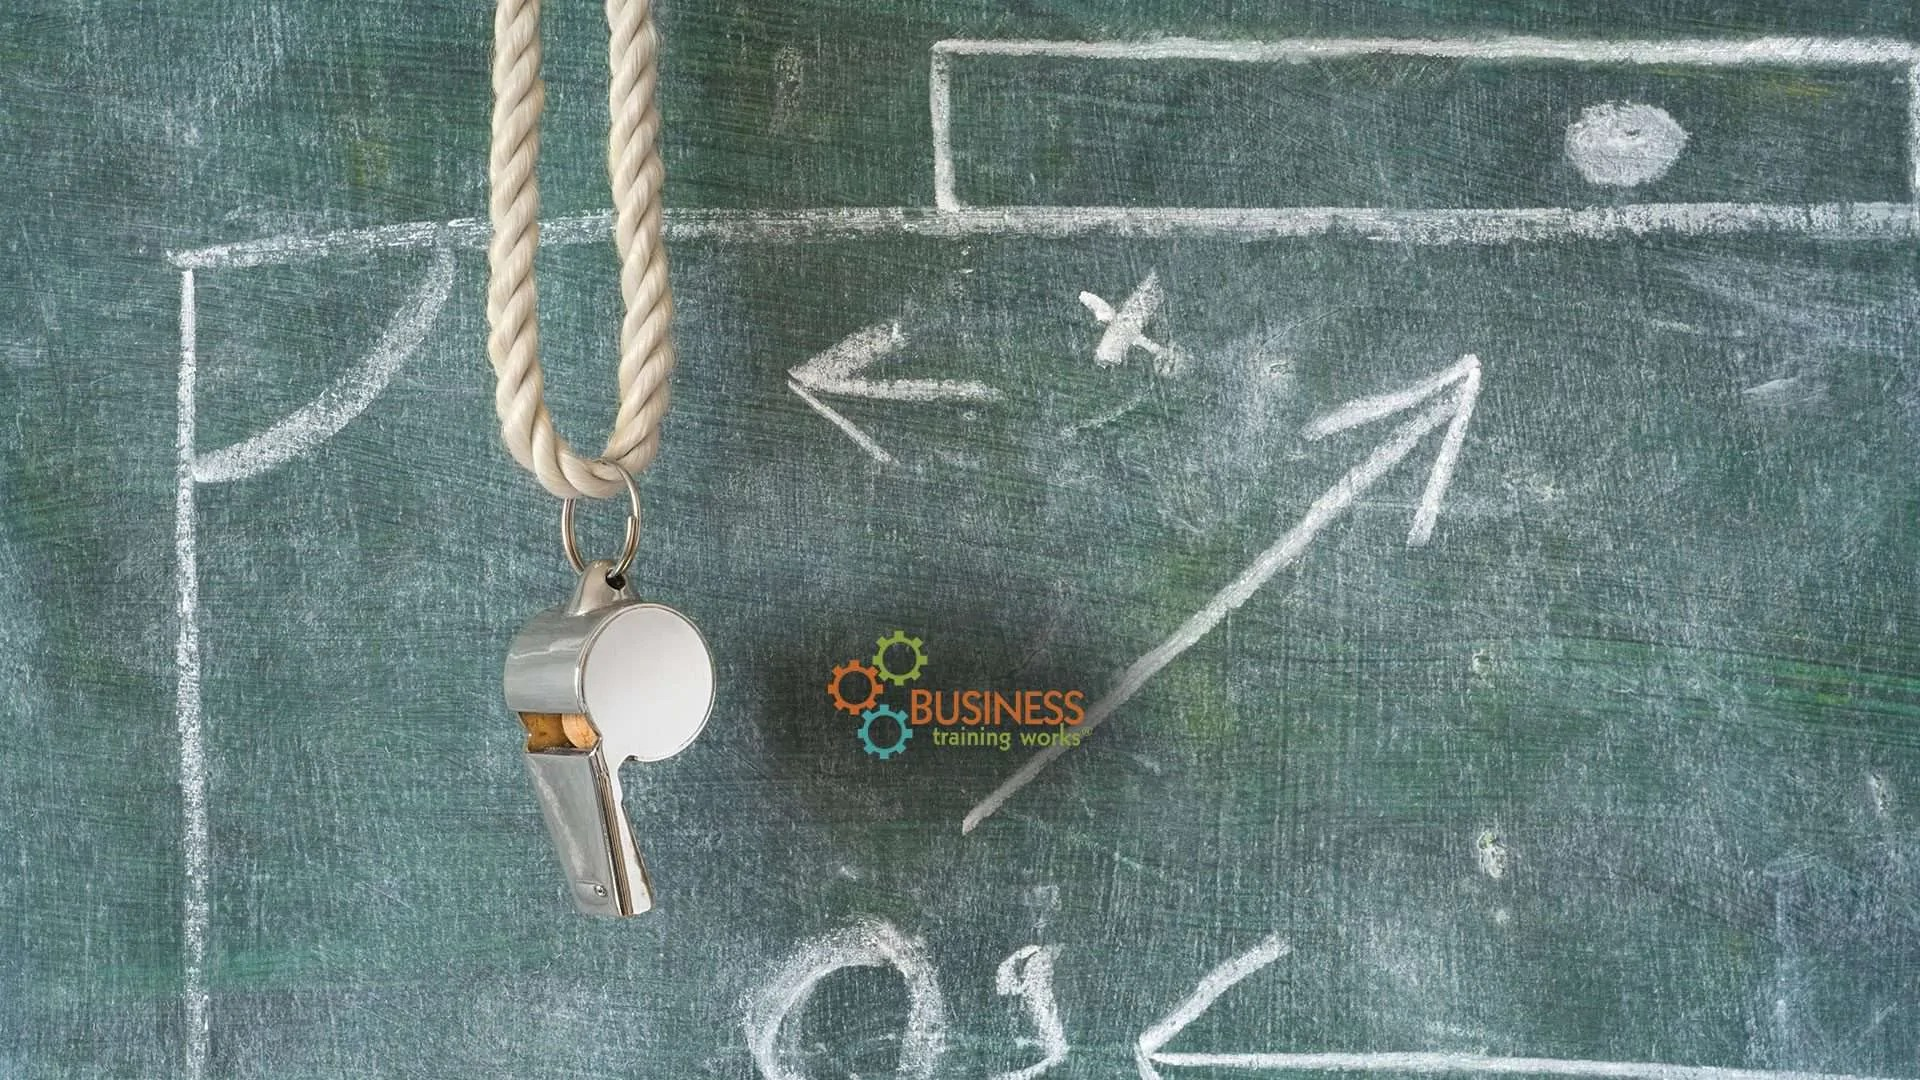 Web-Based Coaching Skills Course